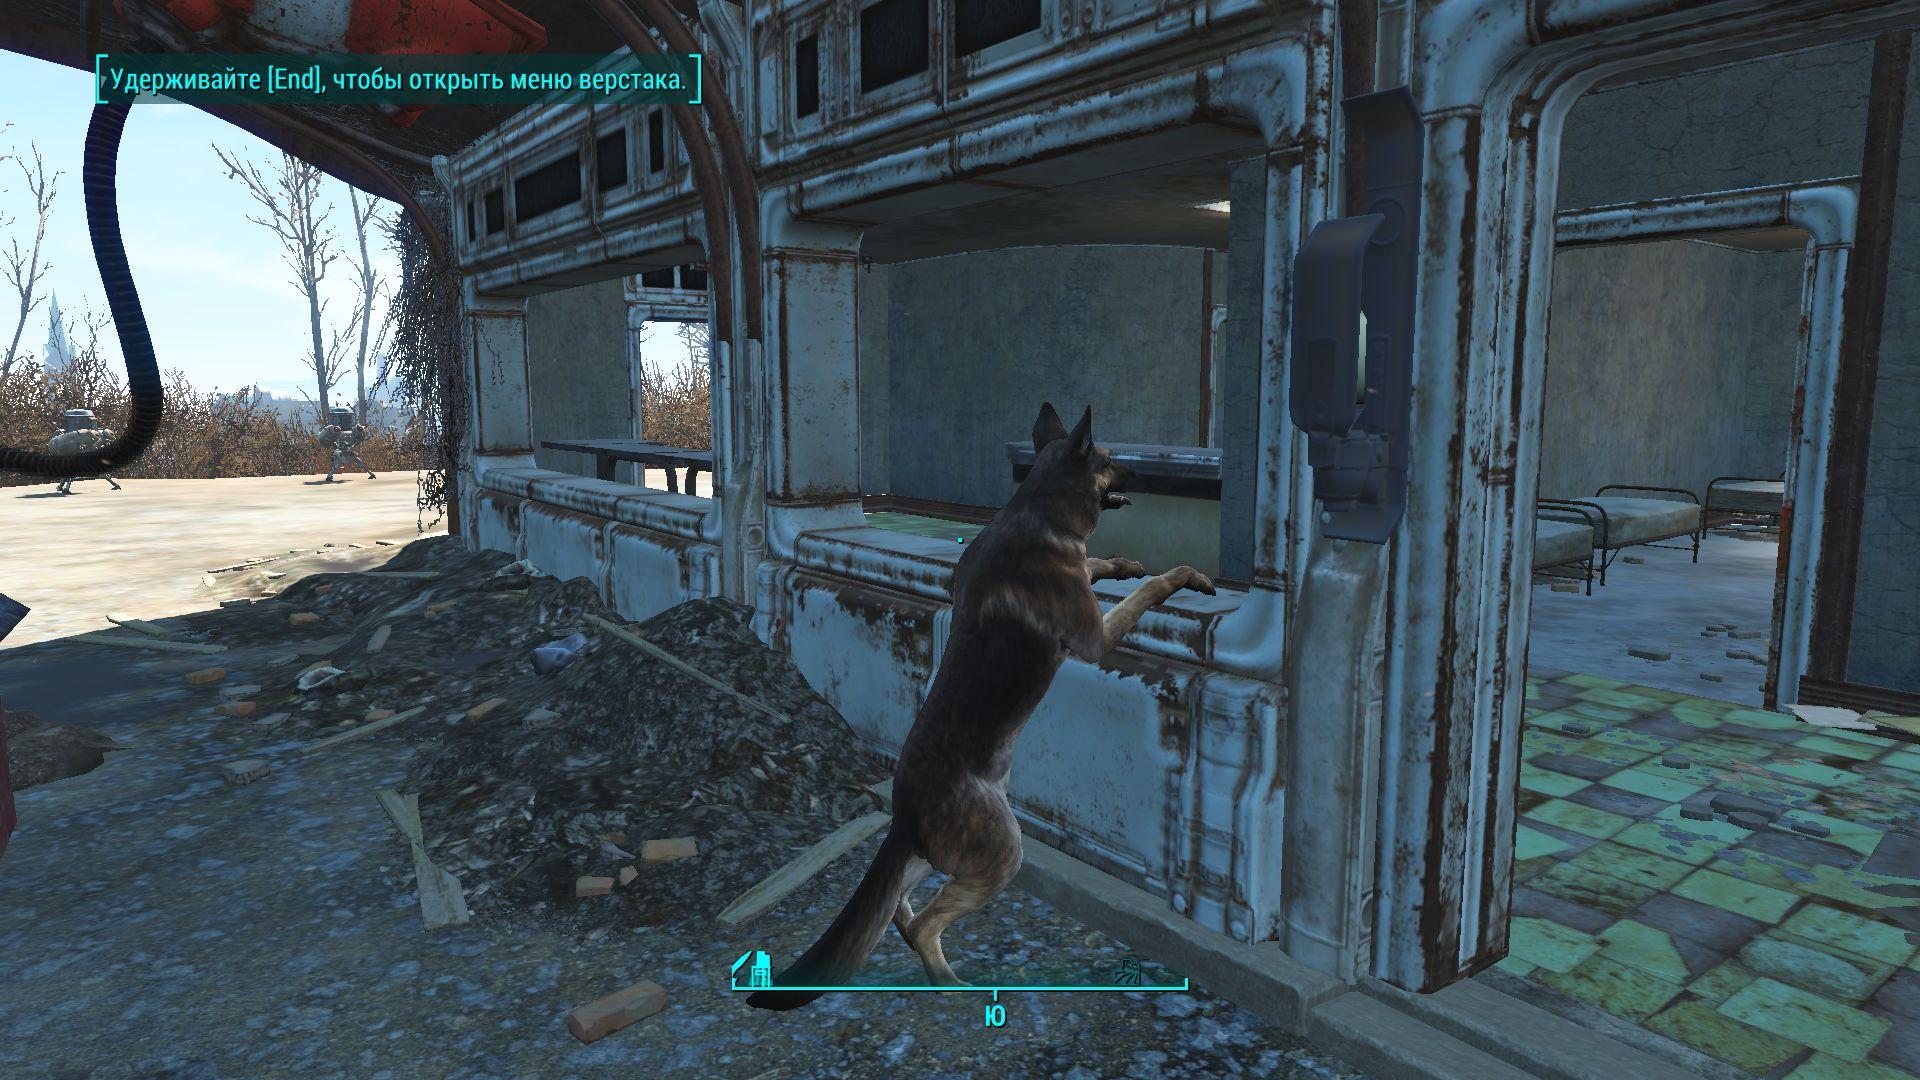 Собака смотрела в окно. - Fallout 4